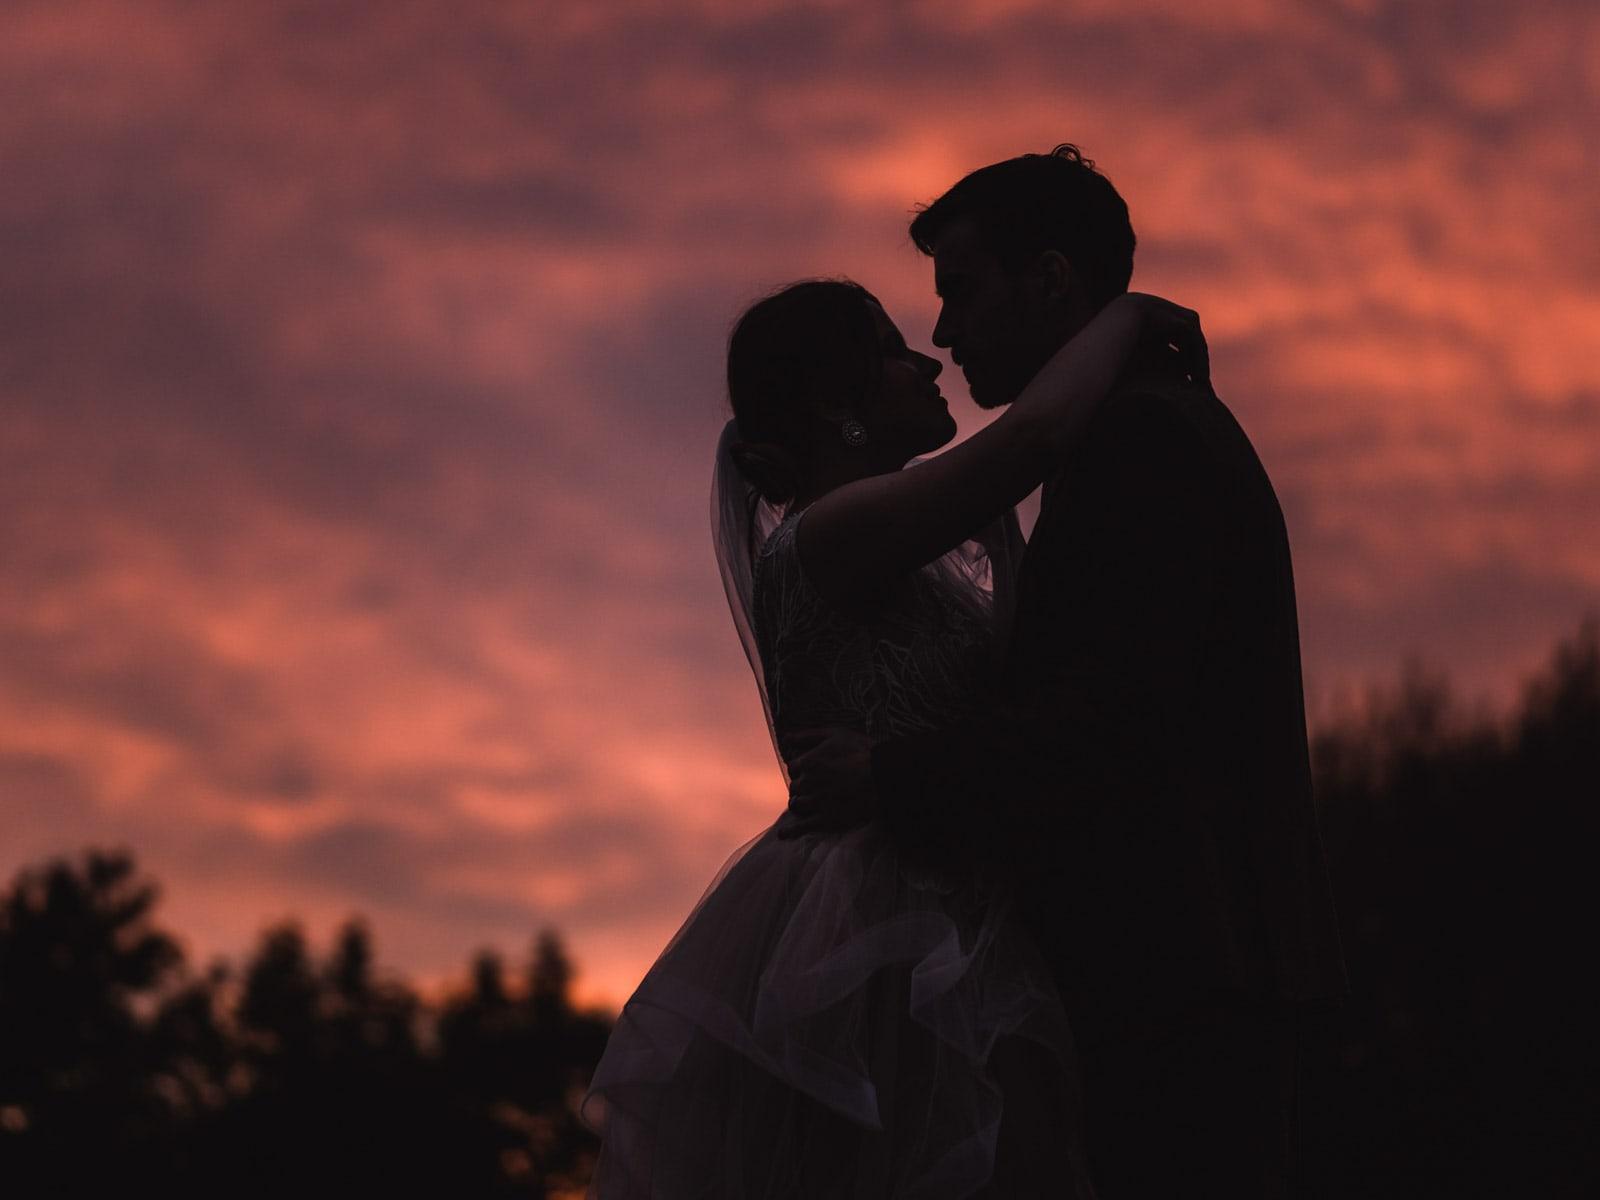 Sunset wedding photoshoot, wedding photography uk, elopement photoshoot